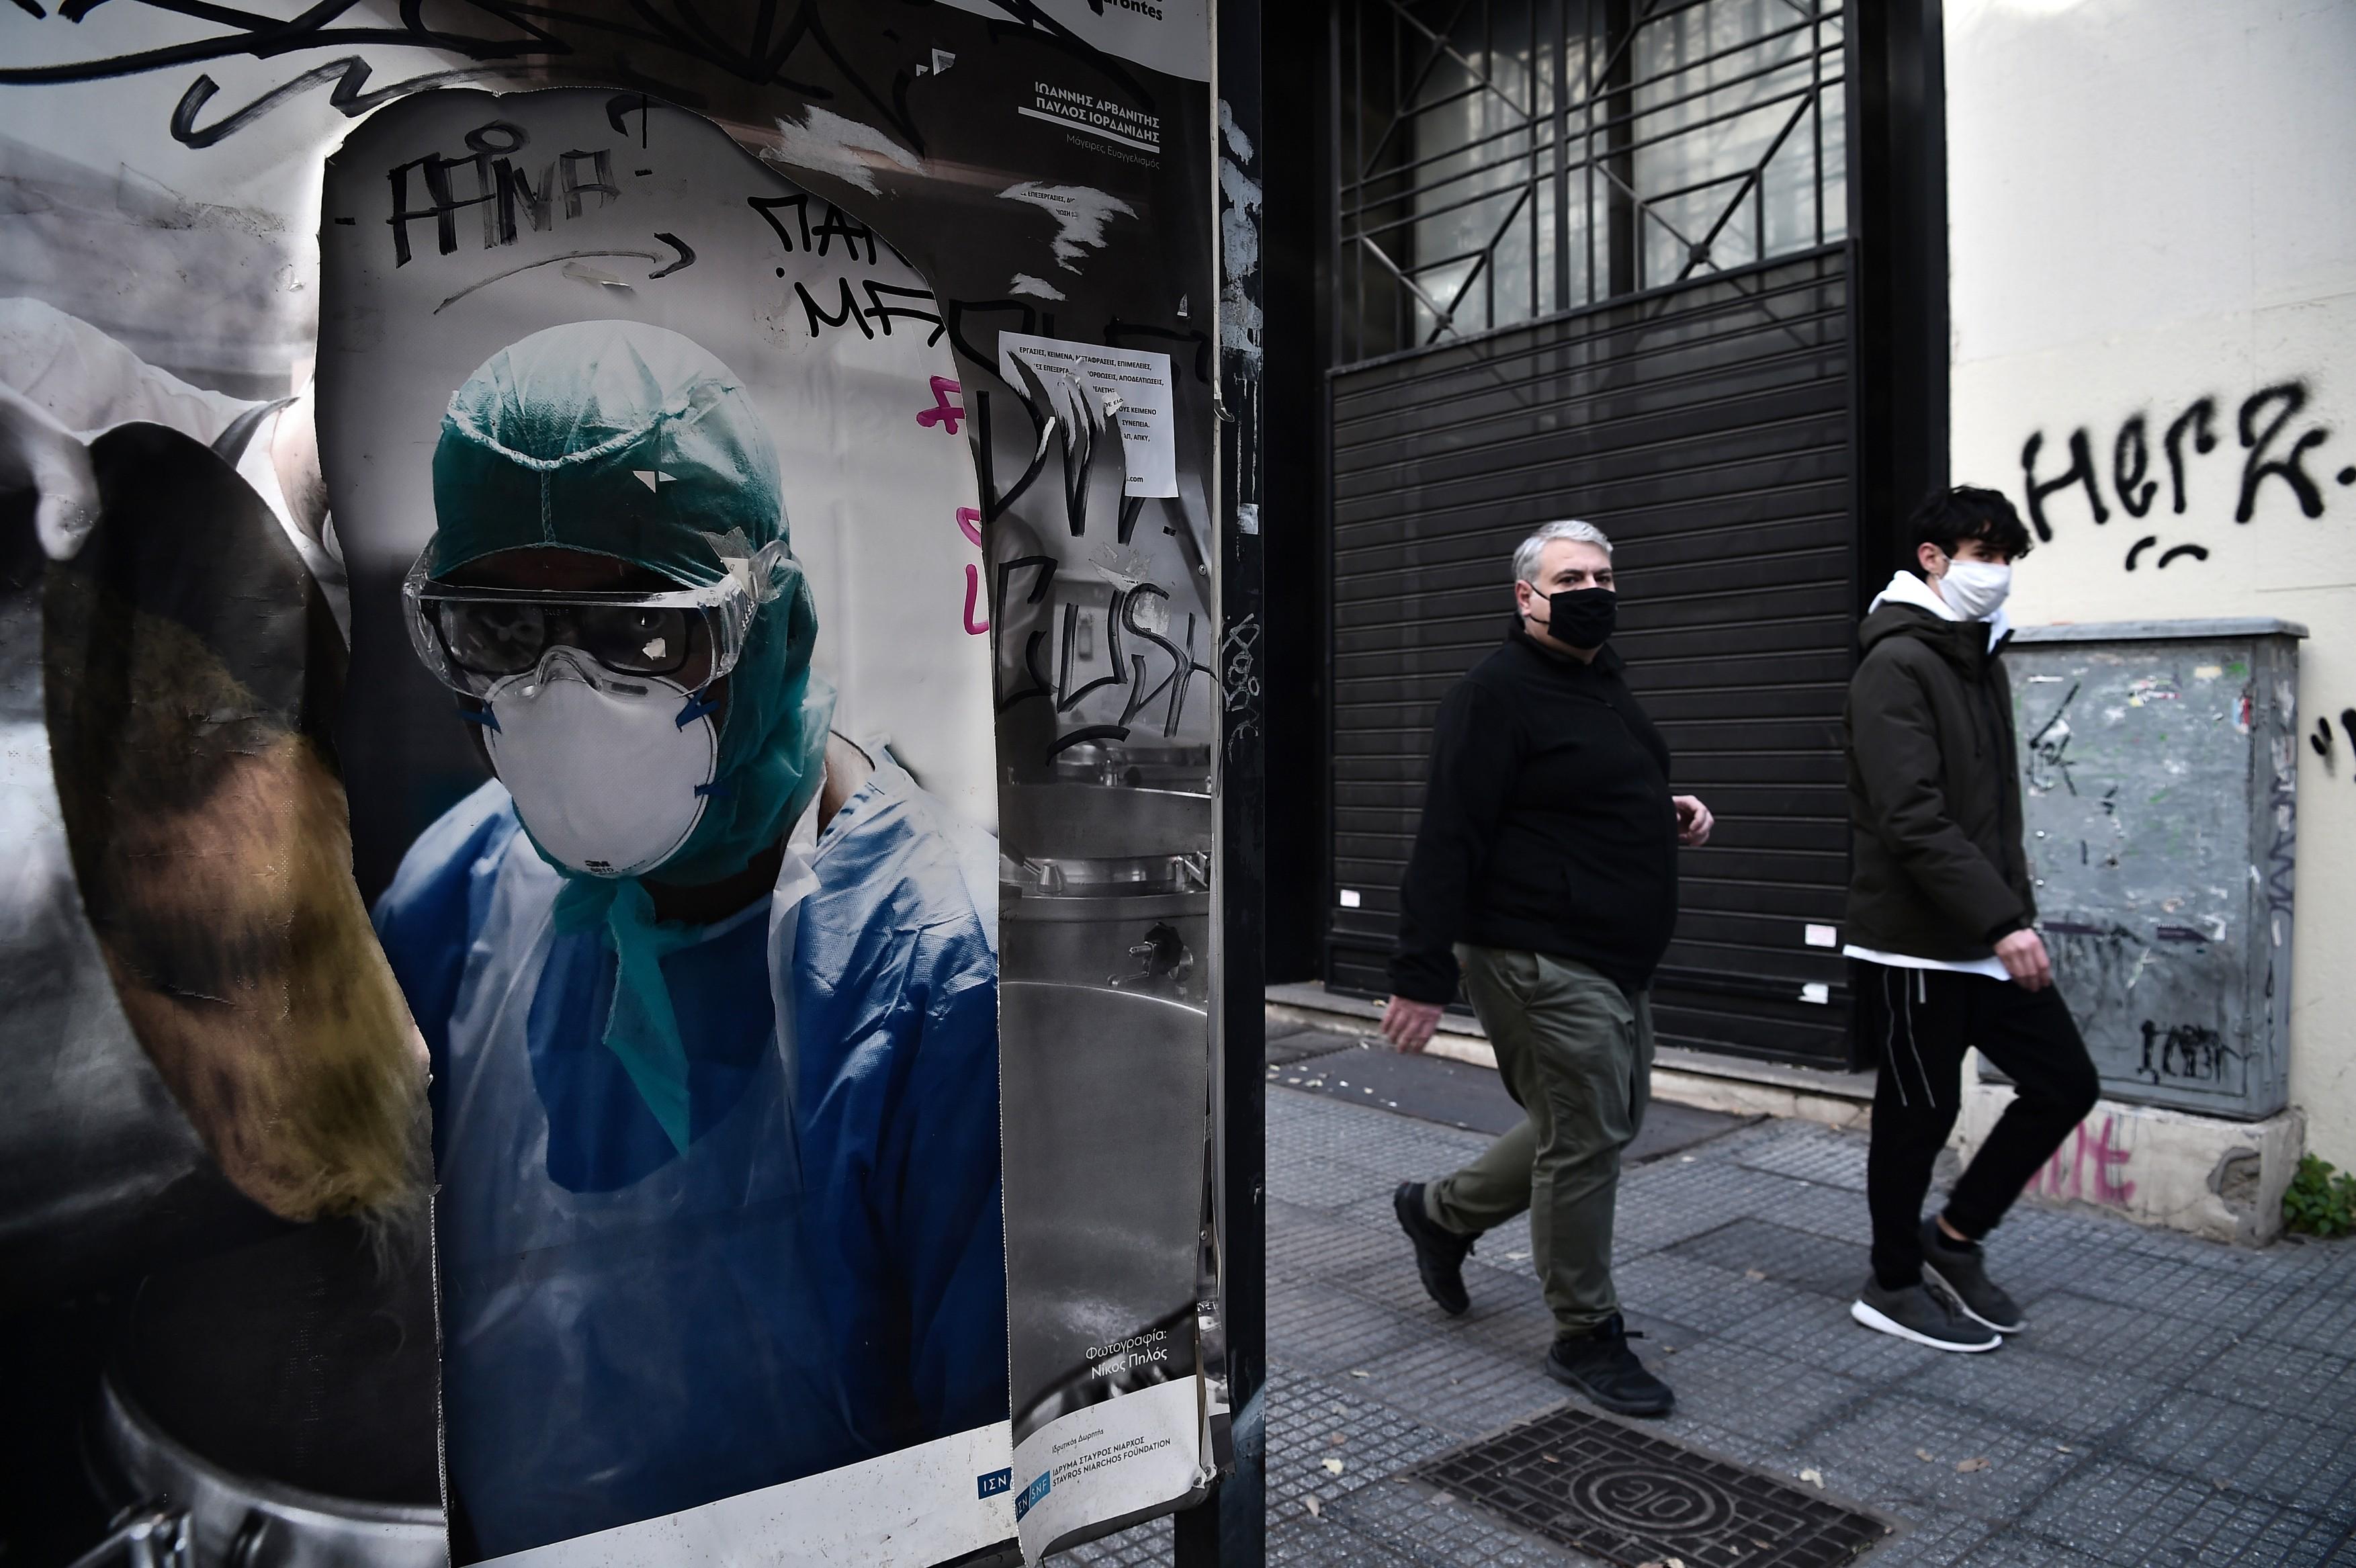 Grecia relaxează din restricțiile împotriva răspândirii Covid. Bisericile și unele magazine se vor putea redeschide